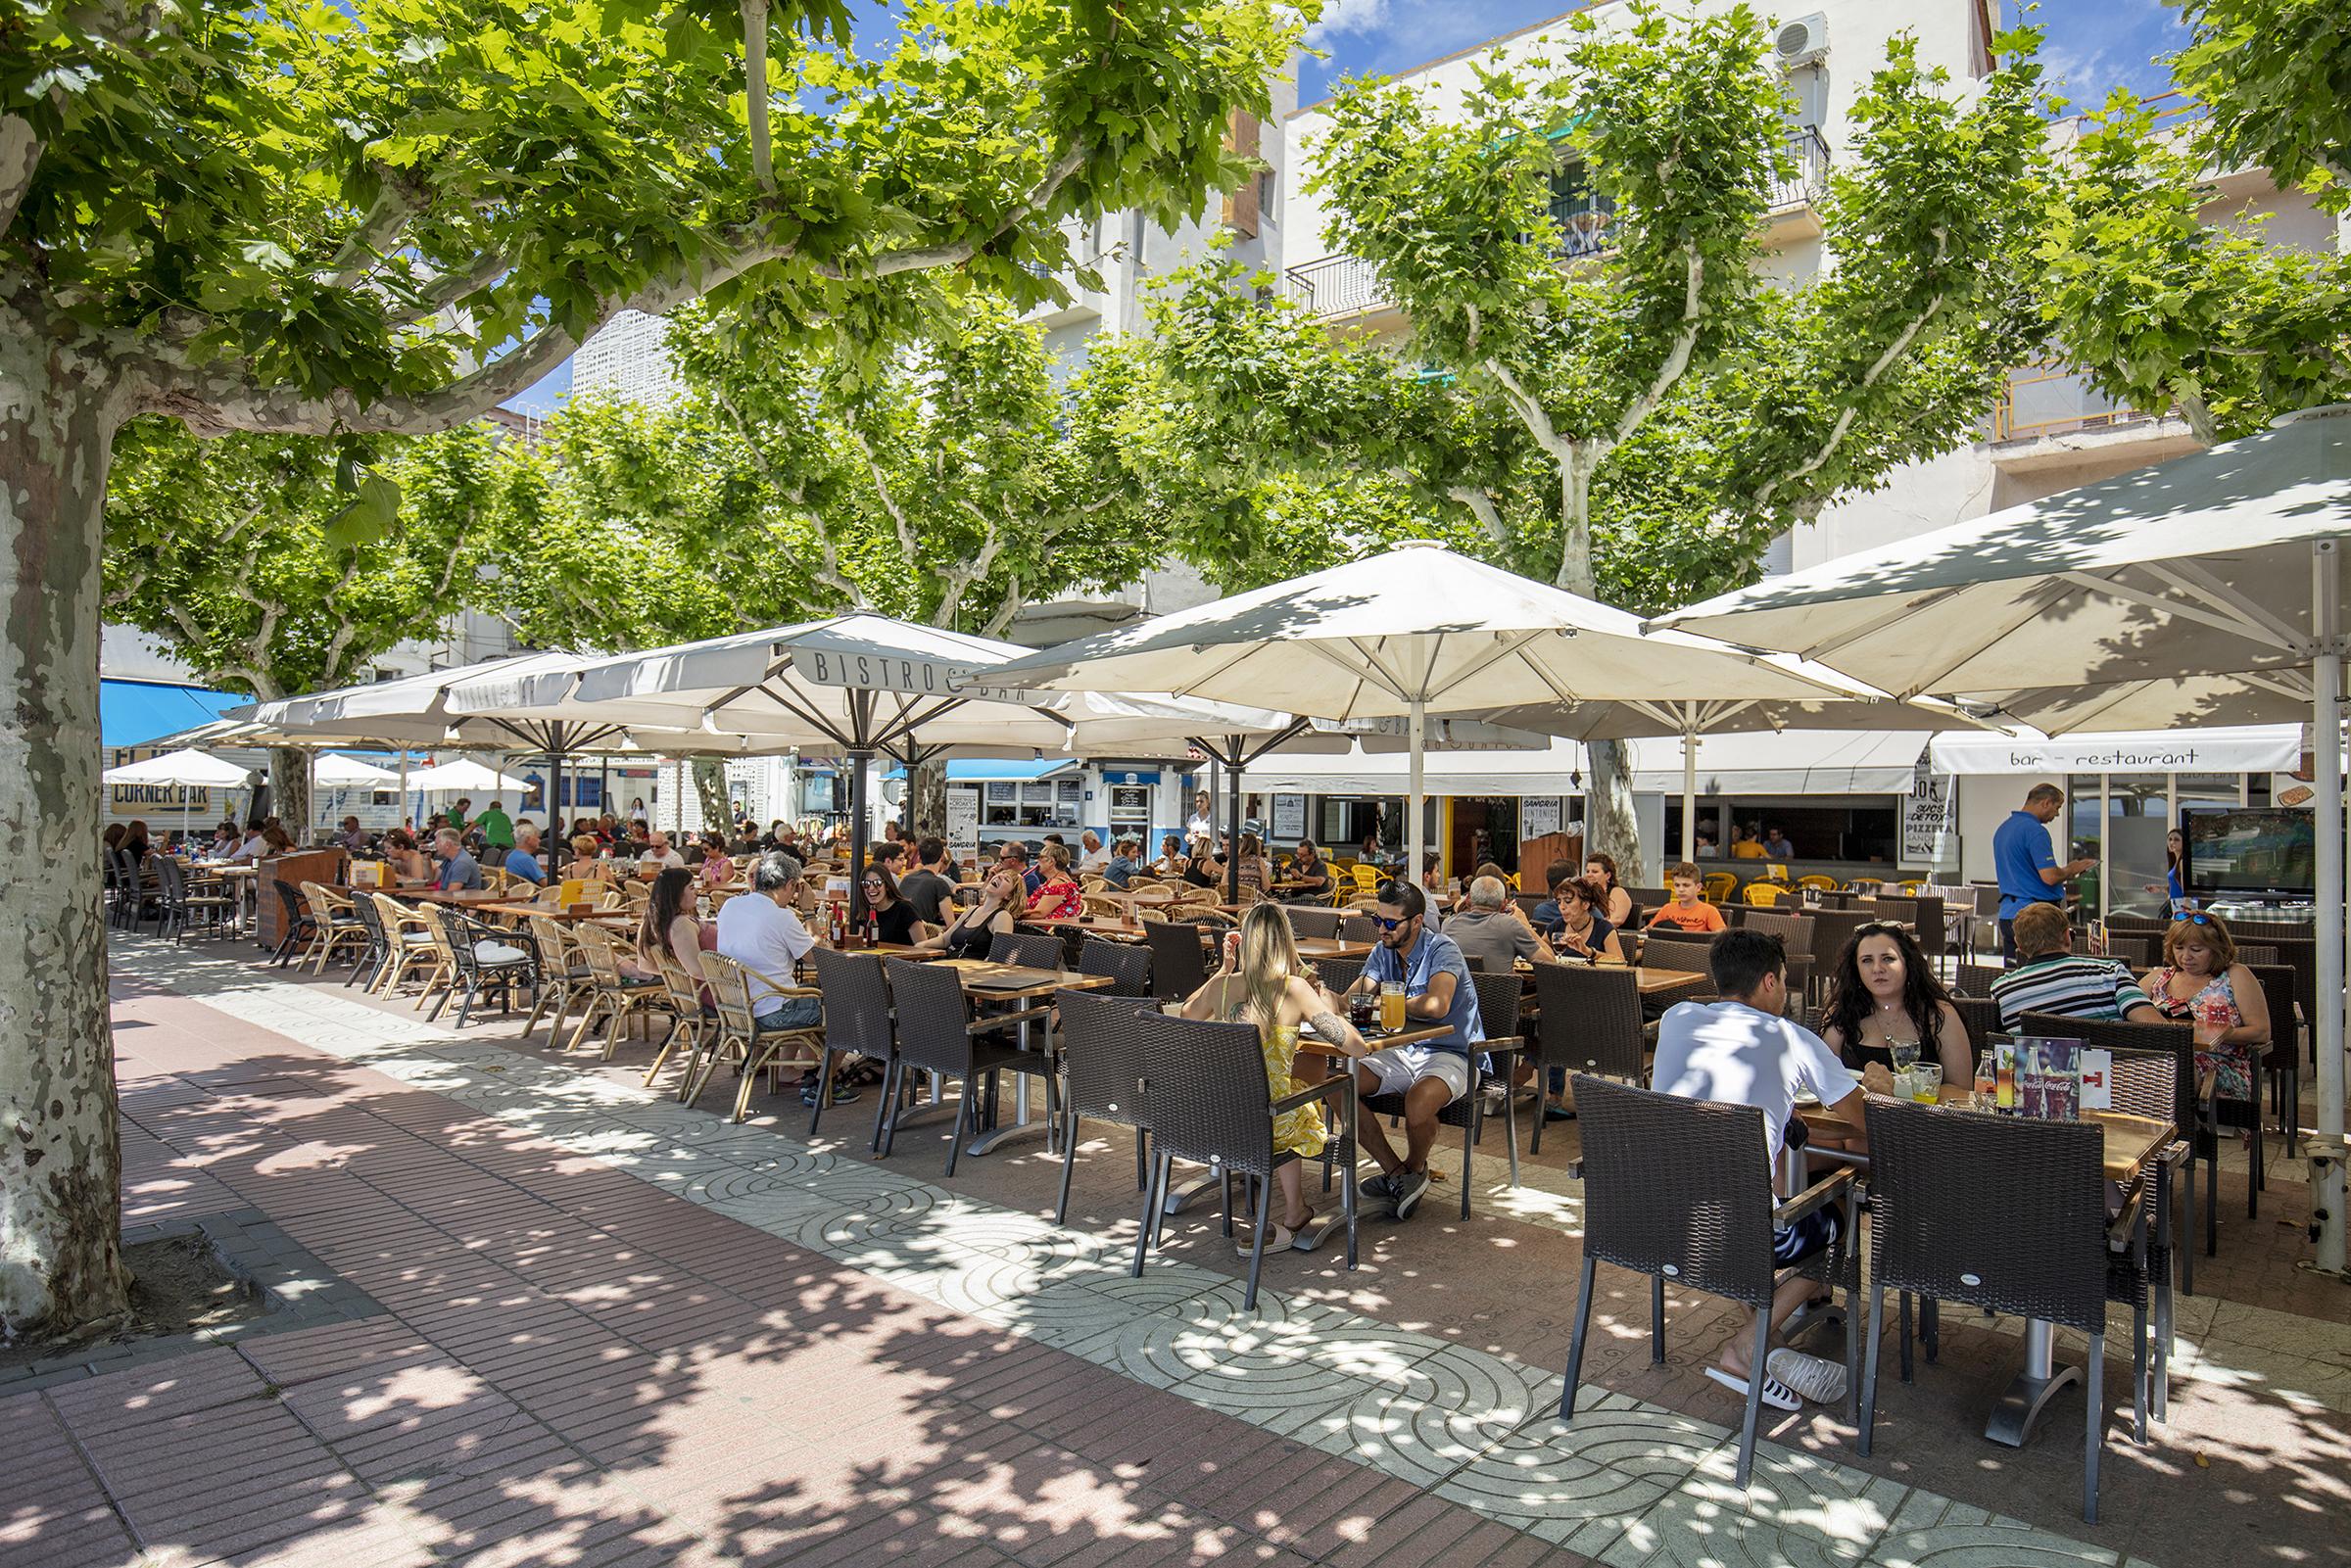 Roses subvencionarà amb 800 € restaurants, bars i centres d'estètica afectats per les restriccions